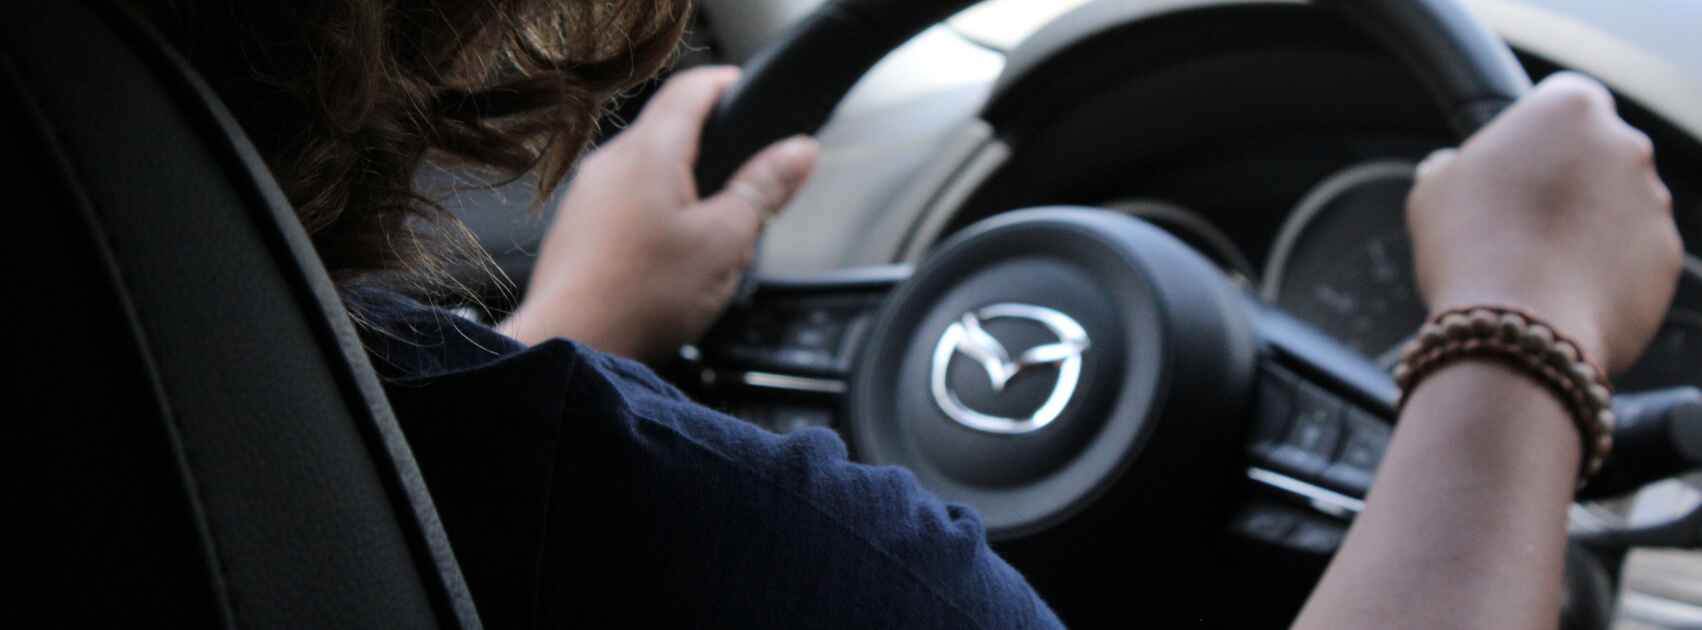 Frau am Steuer eines Mazdas